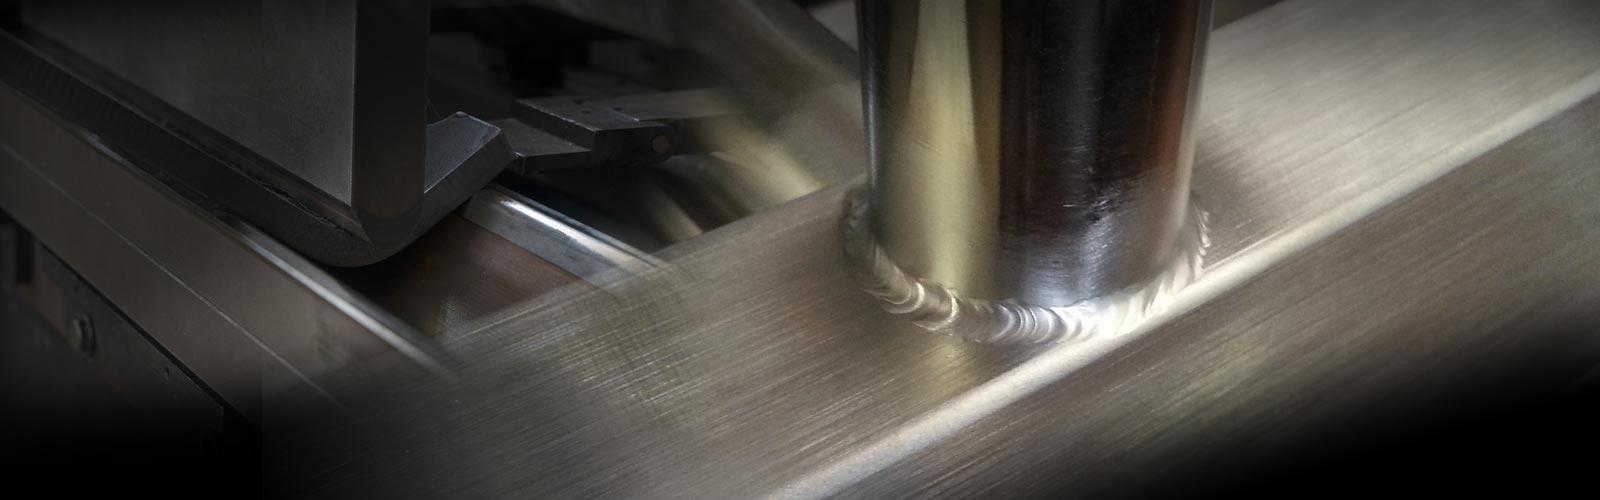 lavorazioni acciaio inox como